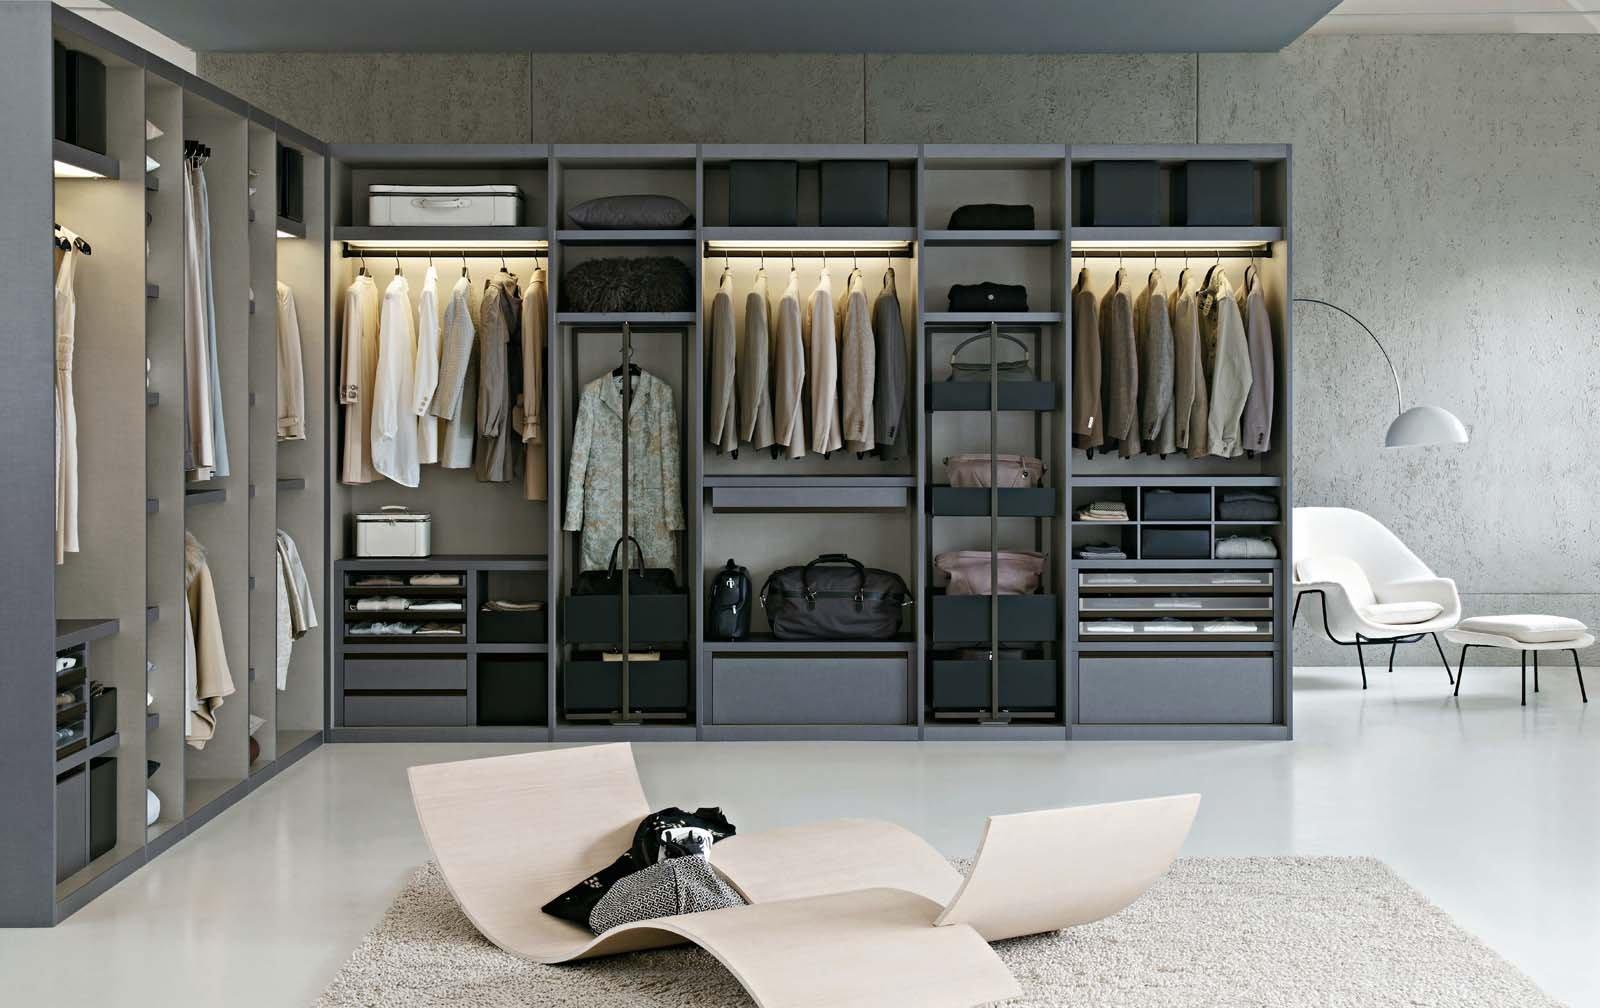 Cabine armadio soluzione trendy cose di casa - I mobili nel guardaroba ...